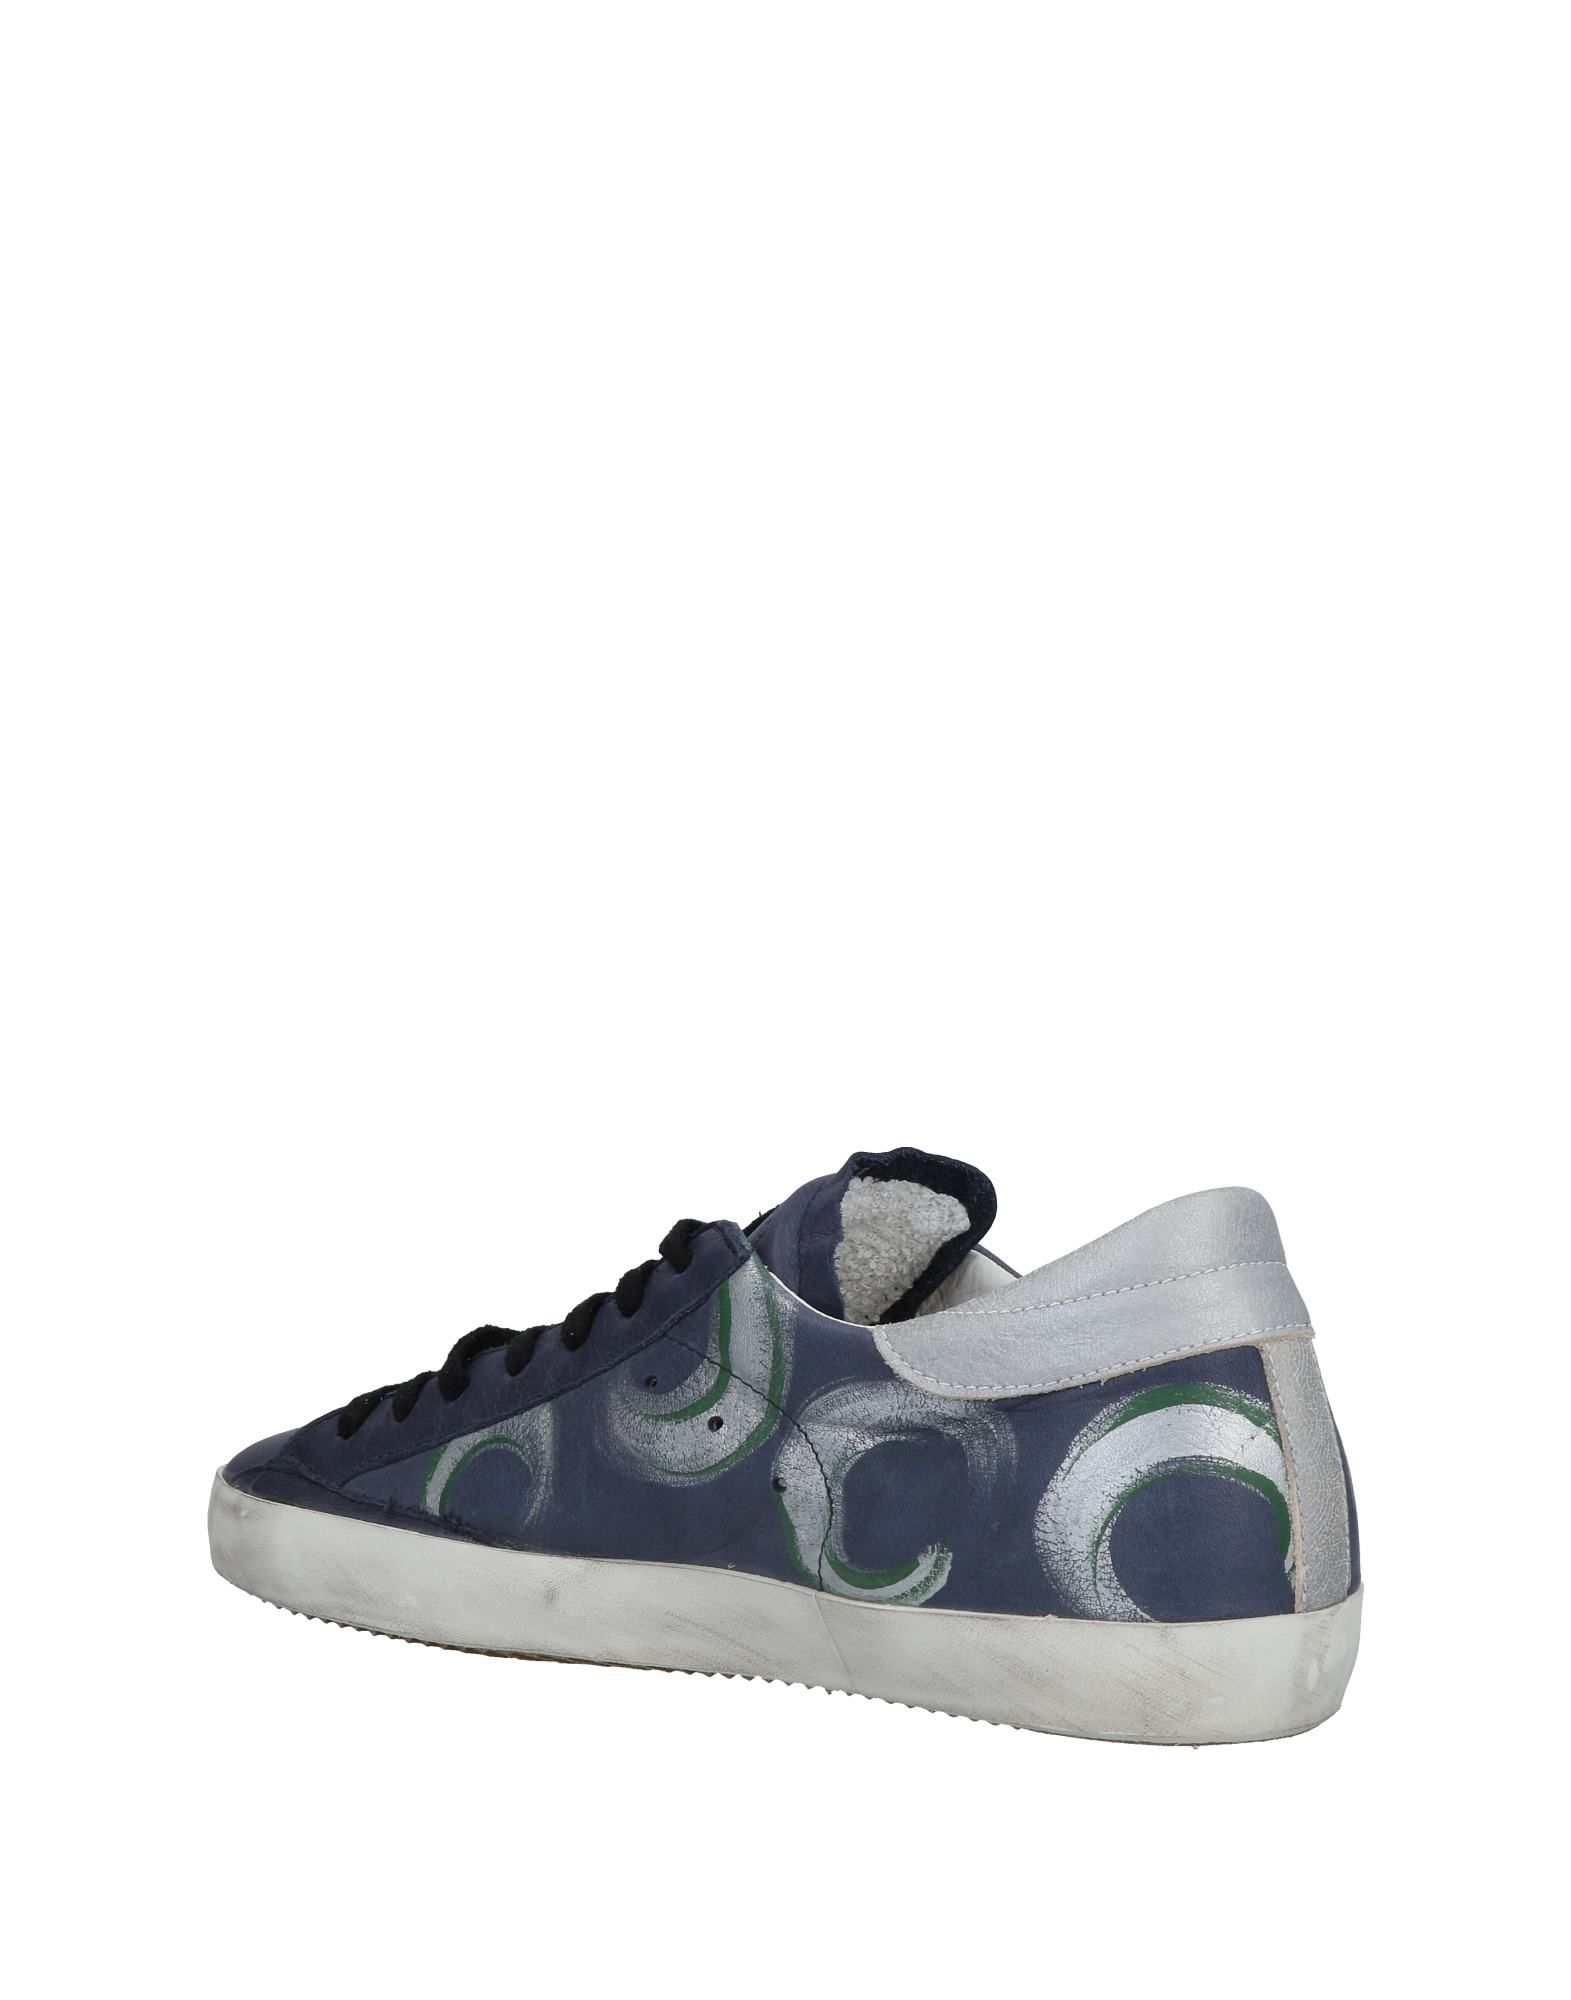 Philippe Model Sneakers Herren 11488354IT  11488354IT Herren 0c2c67